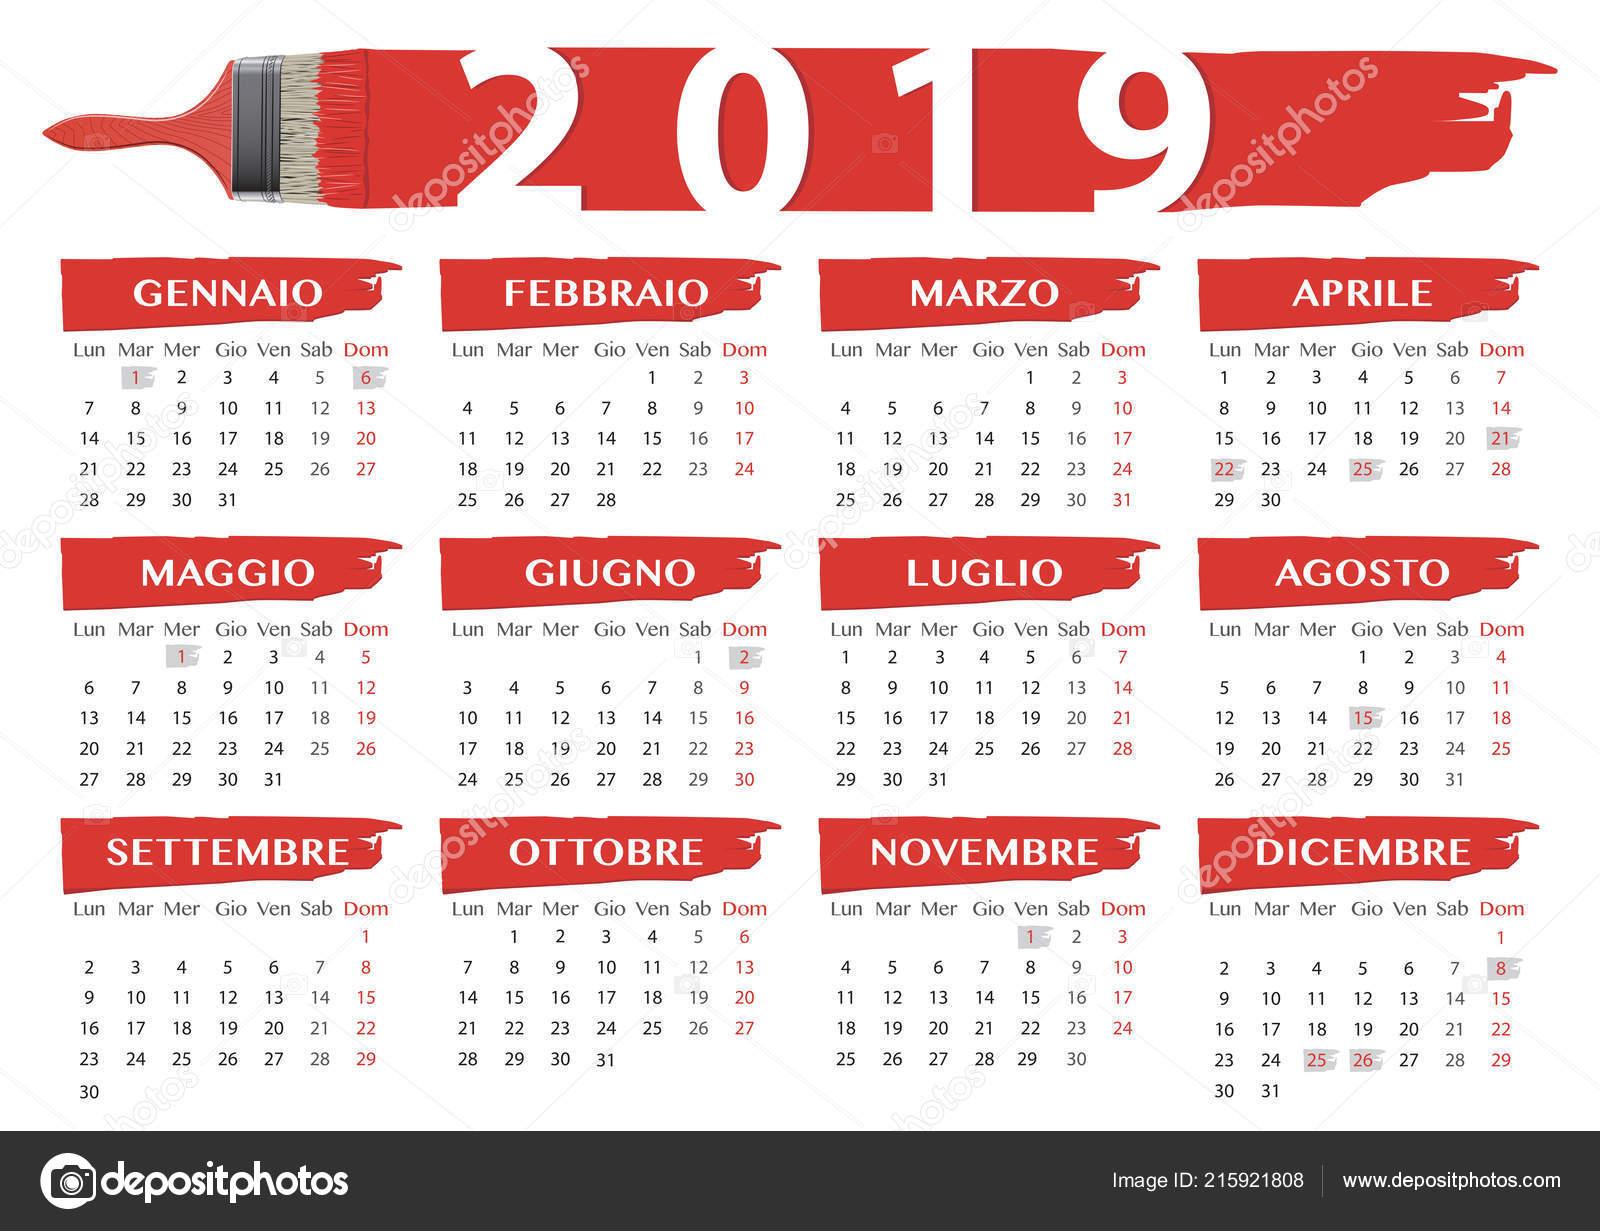 Calendario Con Festivita 2019.2019 Spazzole Rossi Stile Calendario Con Festivita Religiosa